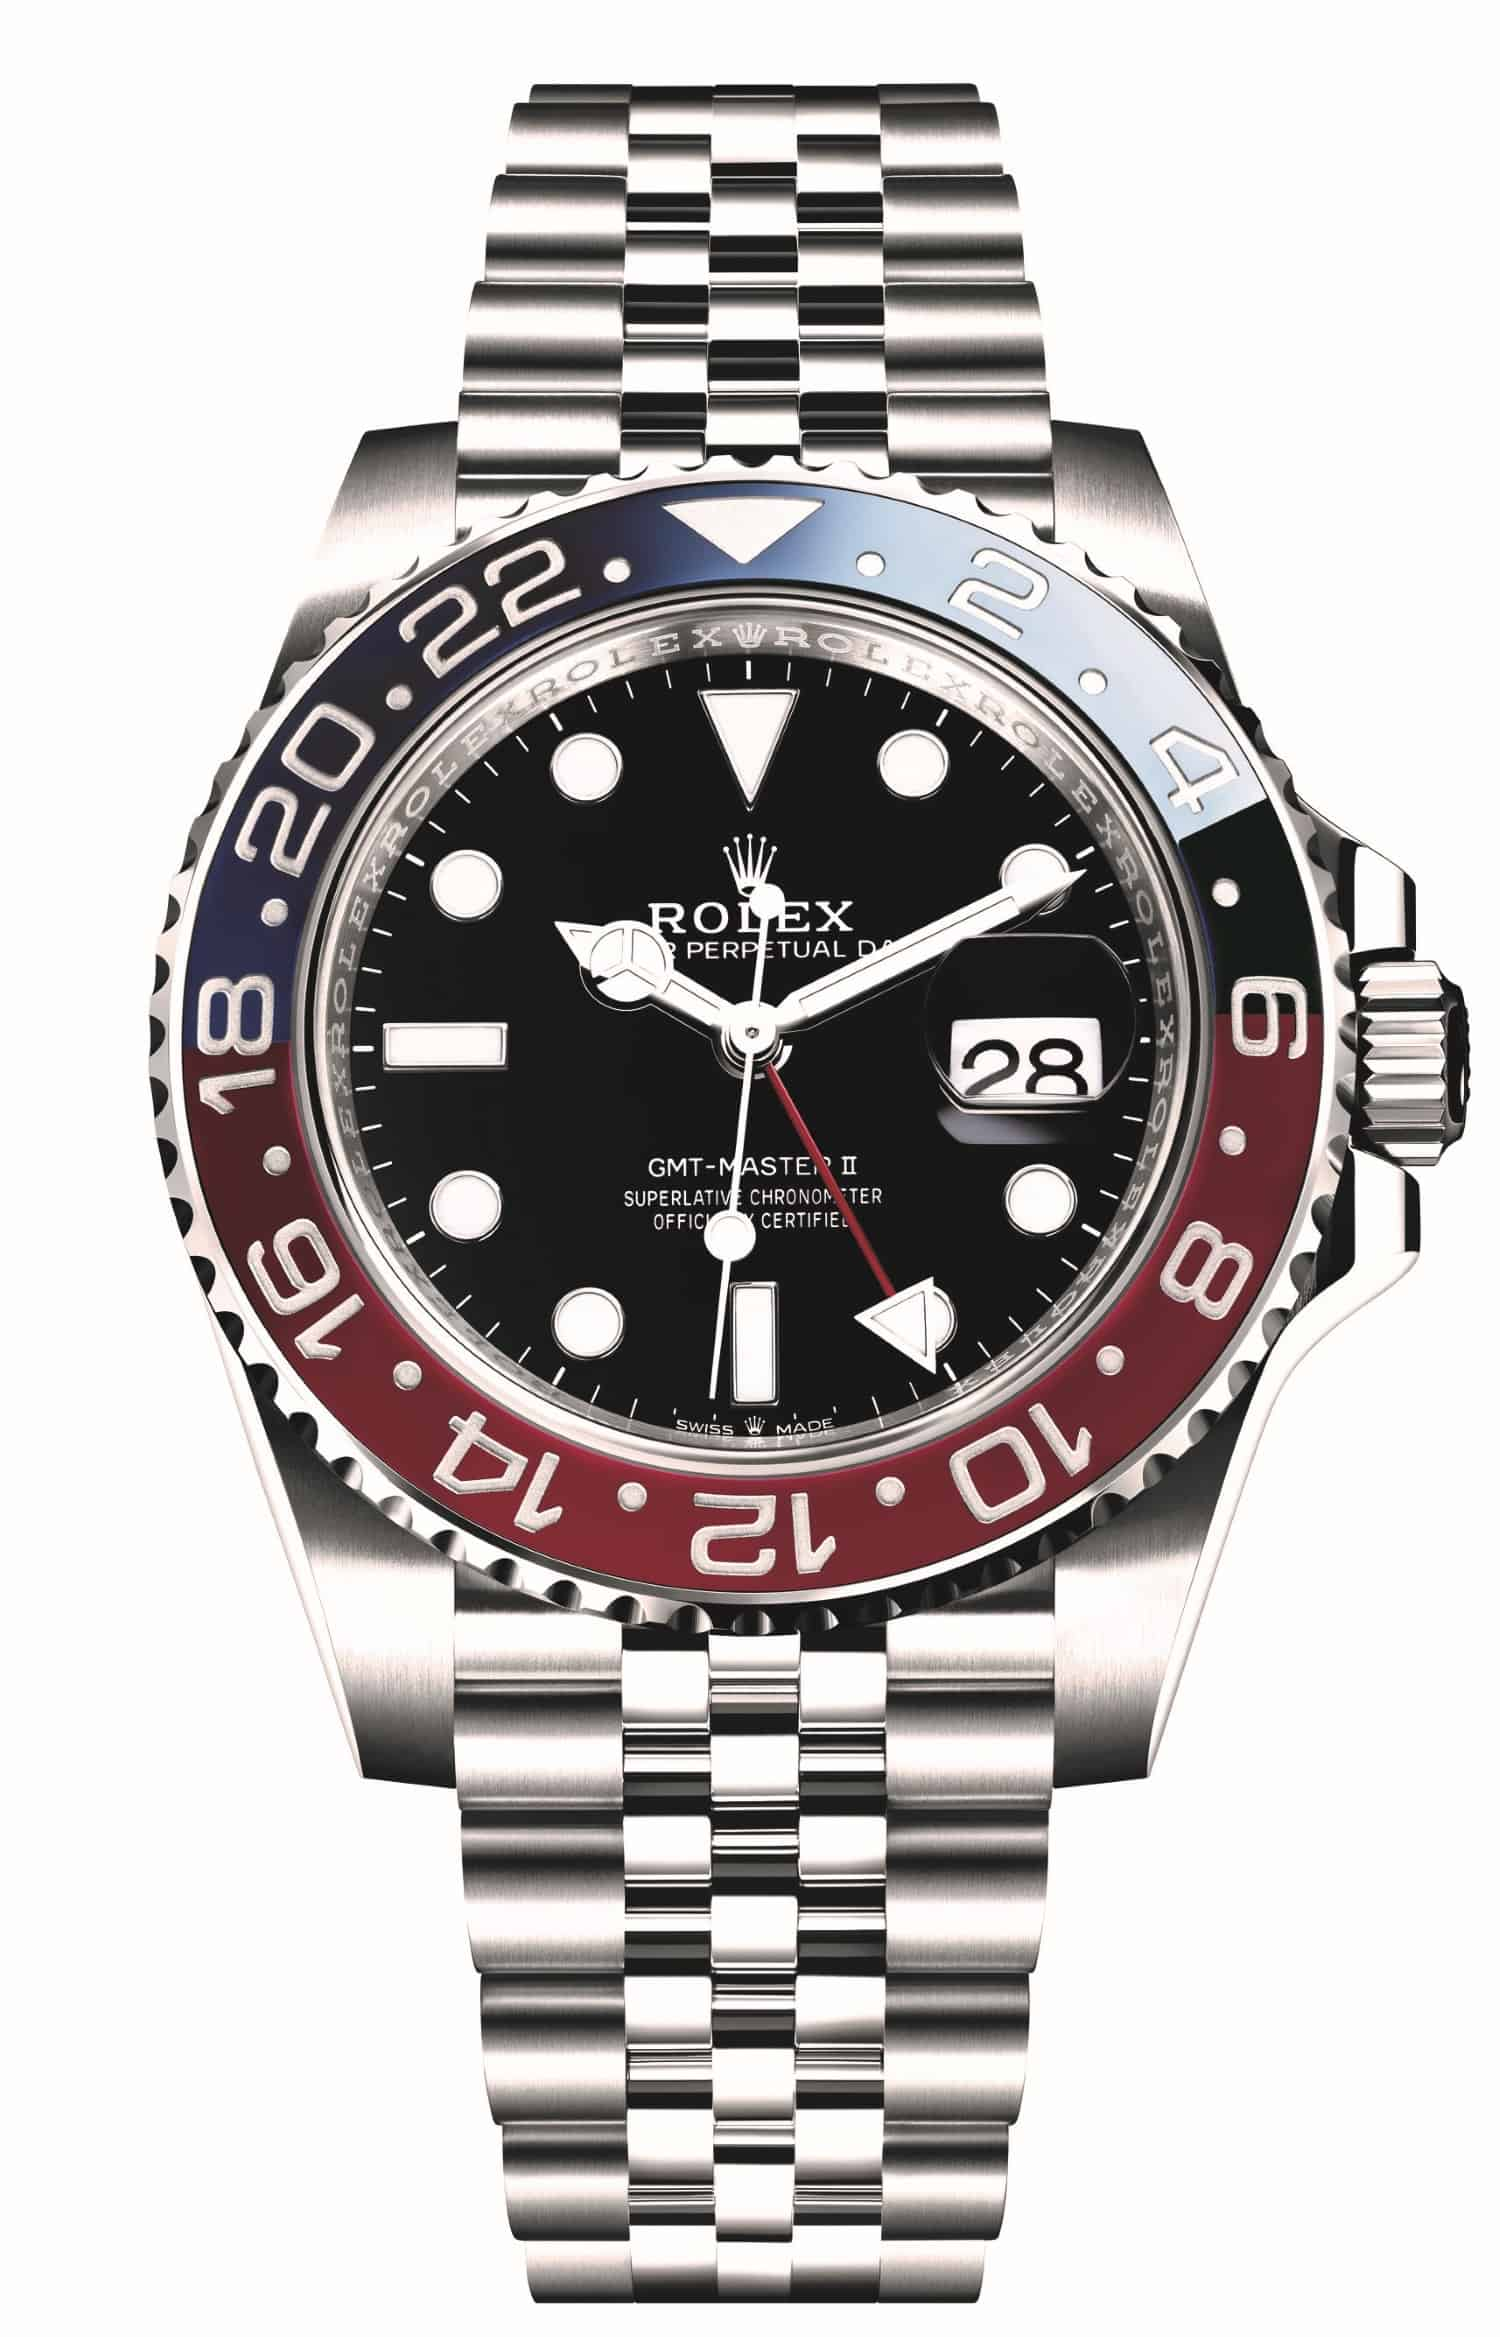 Das Objekt der Begierde und langer Wartezeiten: Die Rolex GMT Master II Pepsi mit dem neuen Armband.